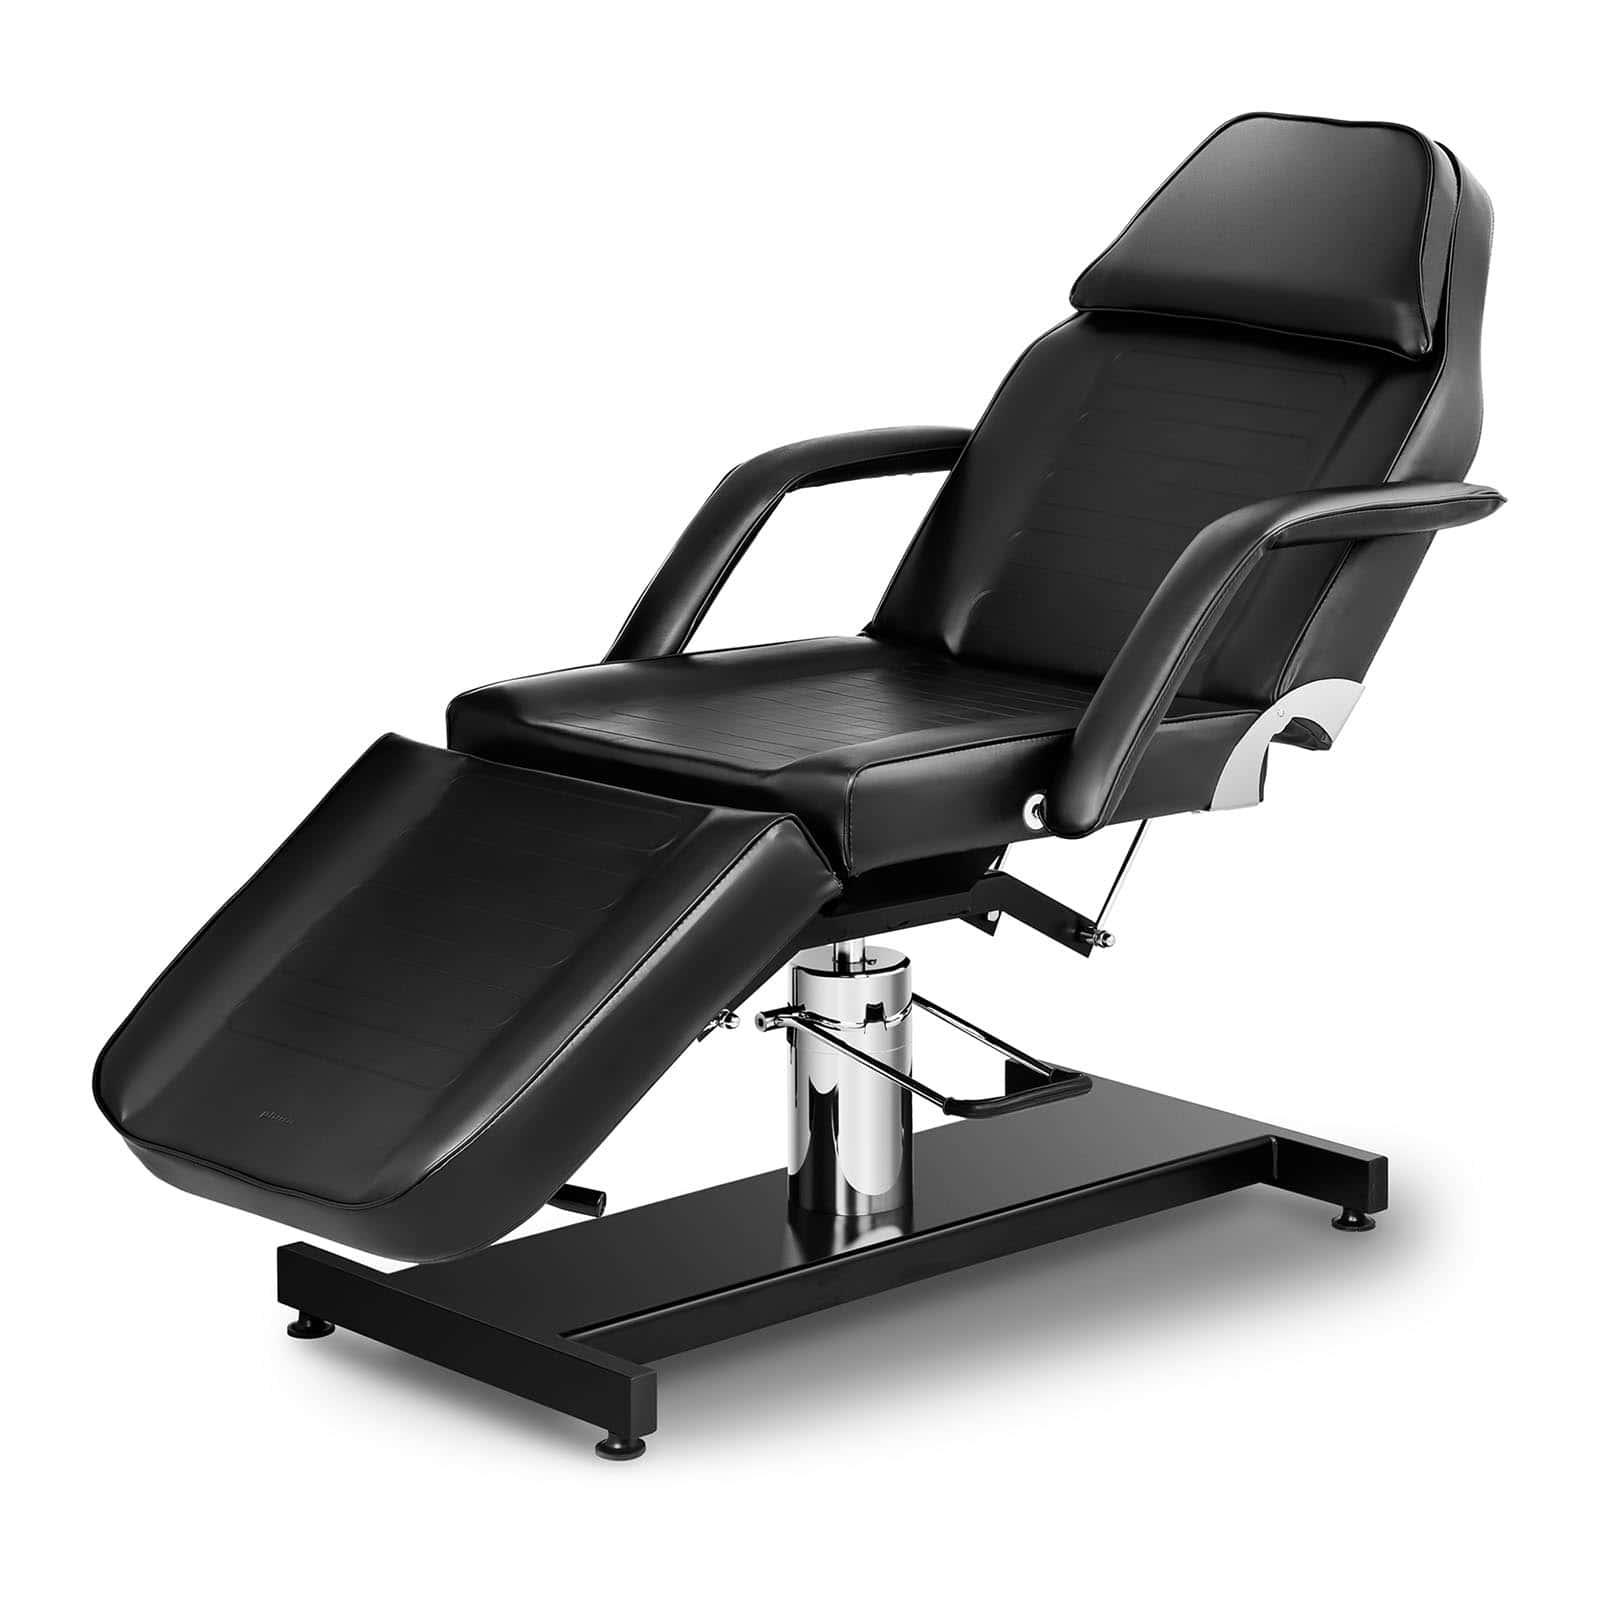 Fotel kosmetyczny Physa Verona - Czarny